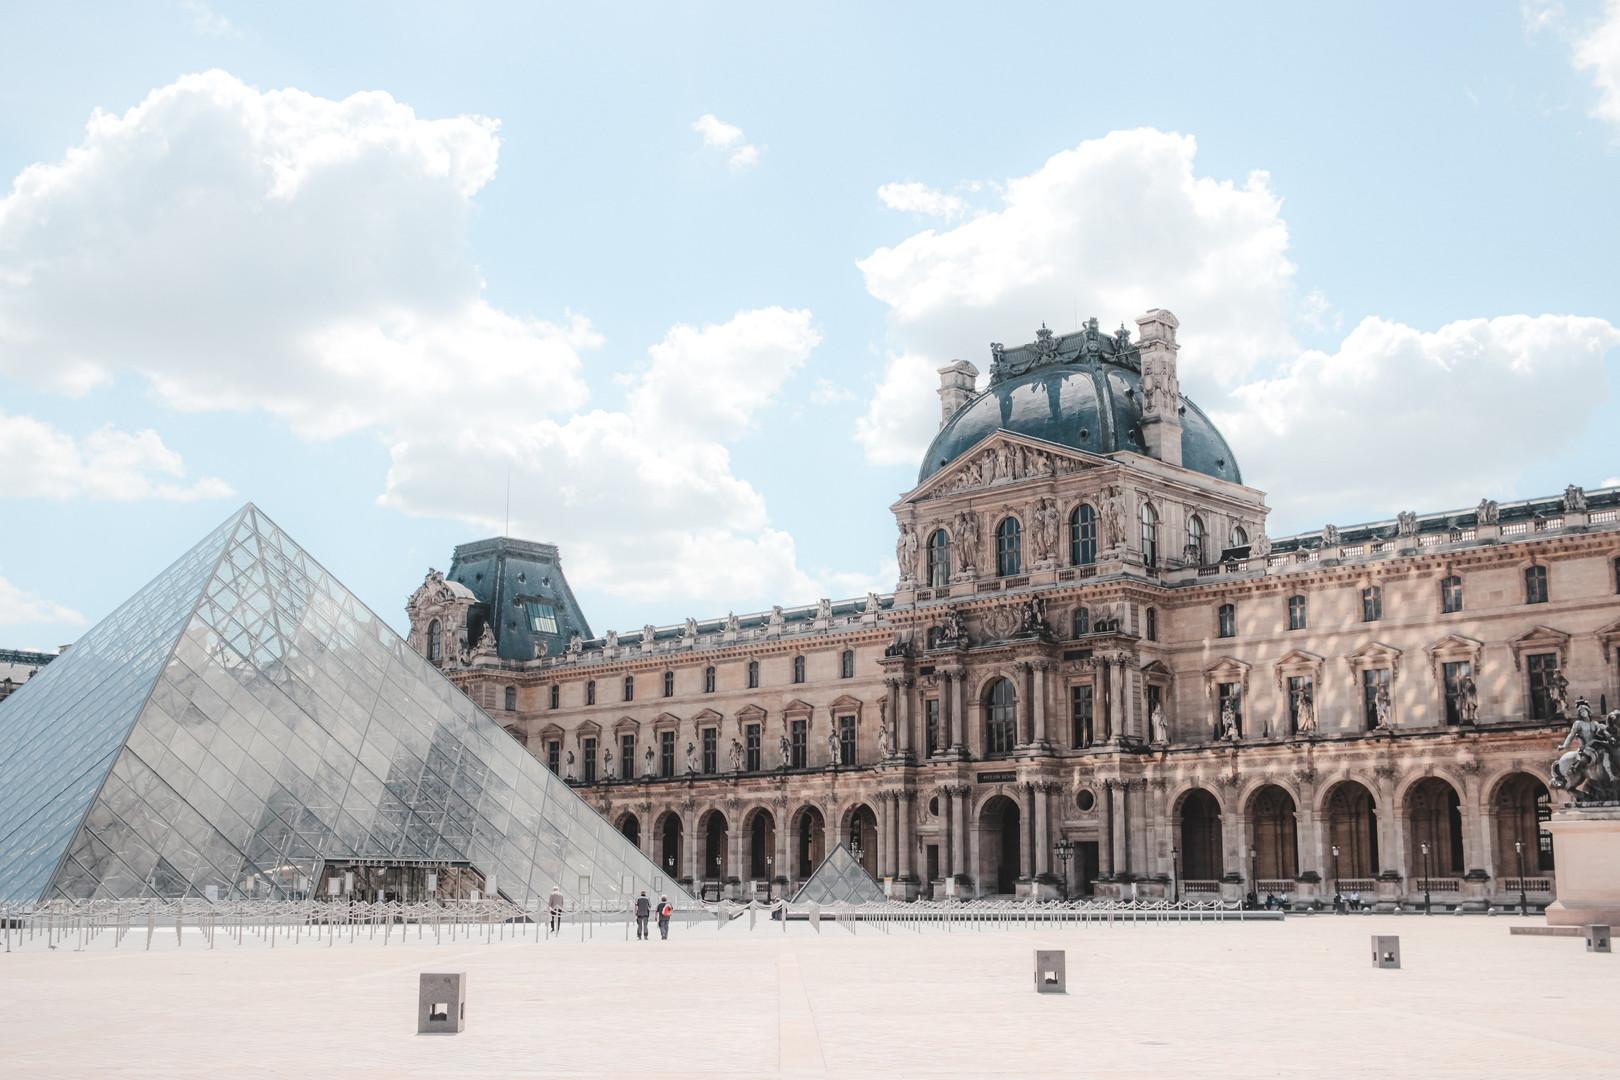 Дворец Лувр Париж.jpg